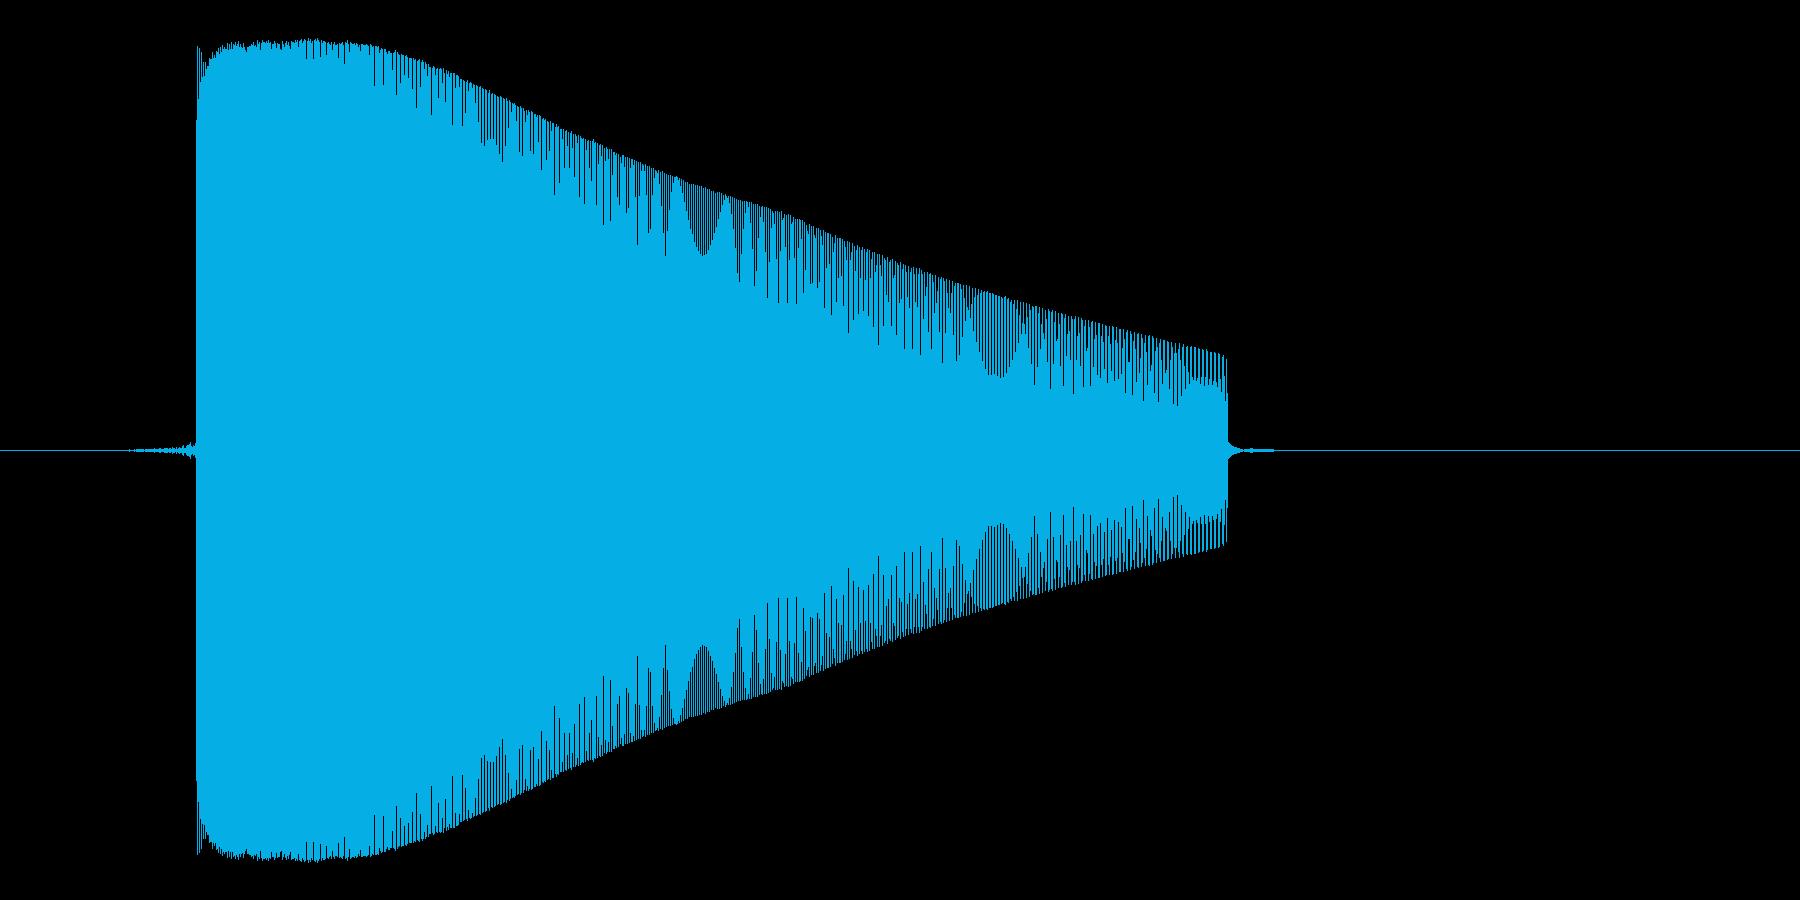 ゲーム(ファミコン風)レーザー音_047の再生済みの波形